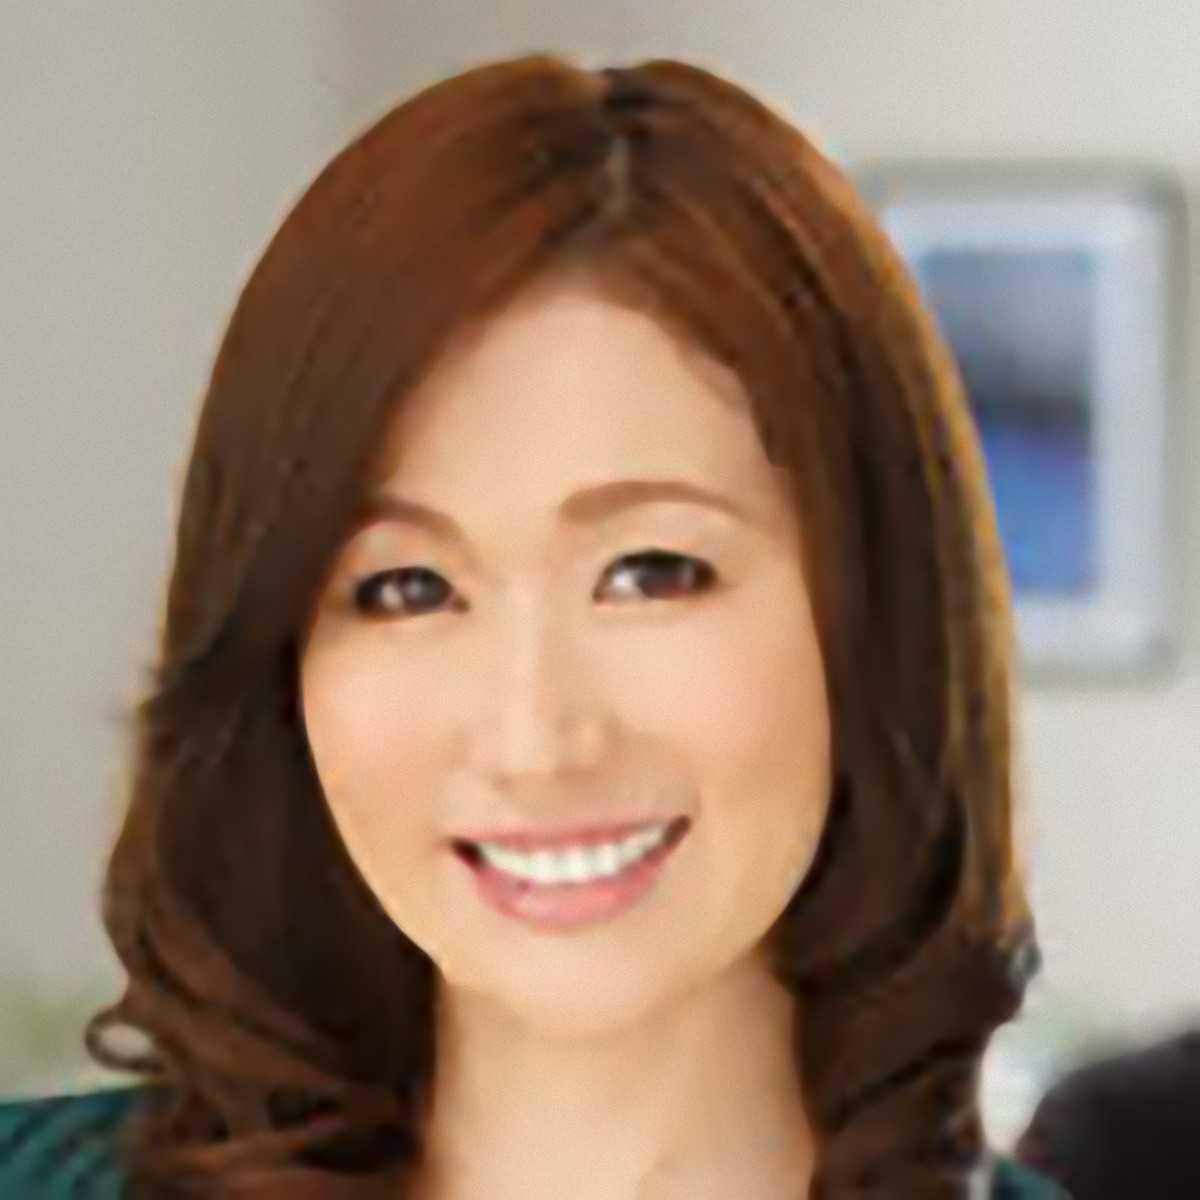 吉原ミィナさんのプロフィールと画像集4ページ目 | AV女優画像